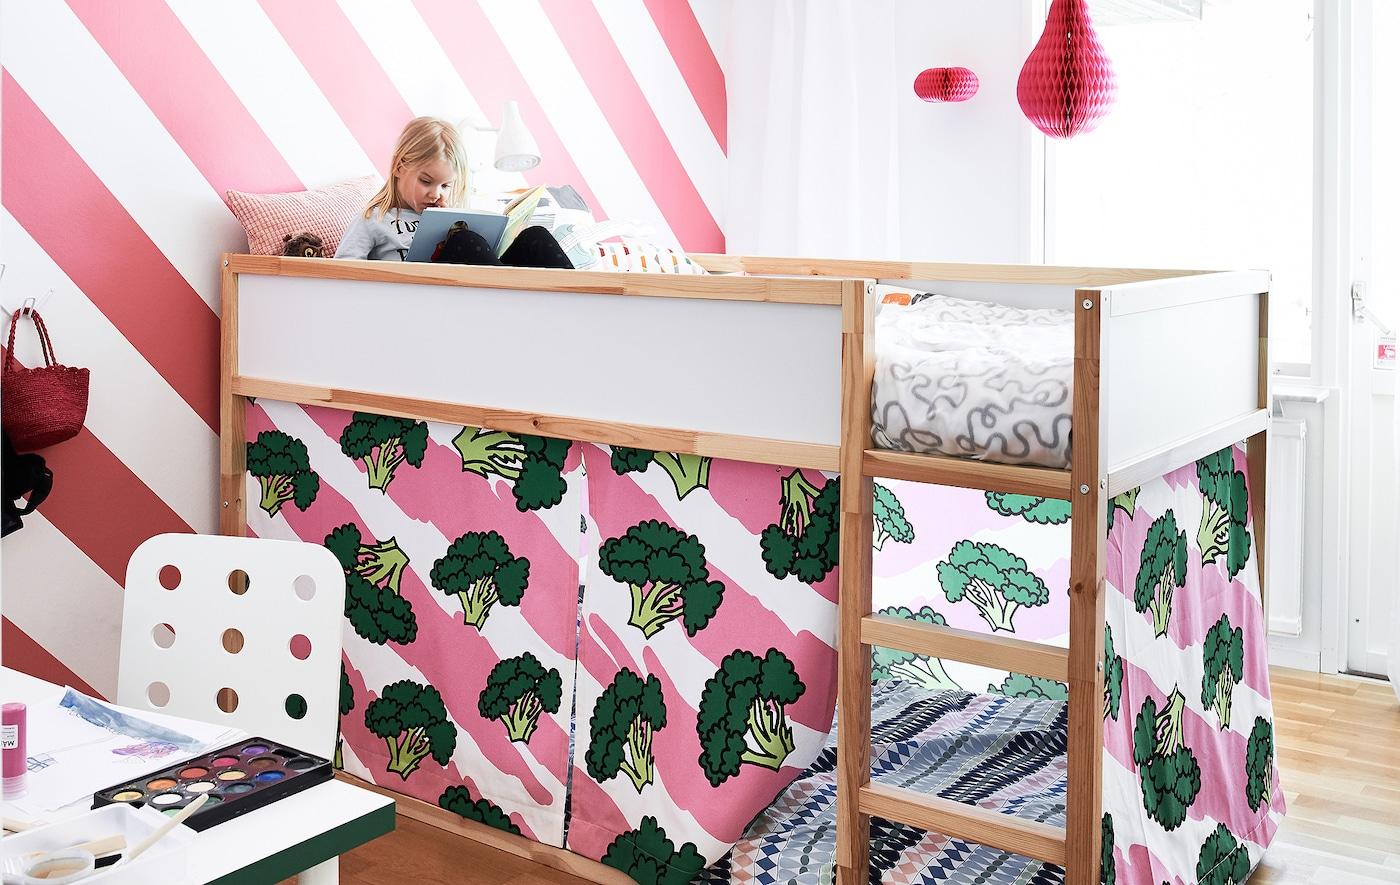 La fille d'Henrik sur son lit du haut, en pleine lecture devant le mur à rayures blanches et roses de sa chambre fraîchement redécorée.